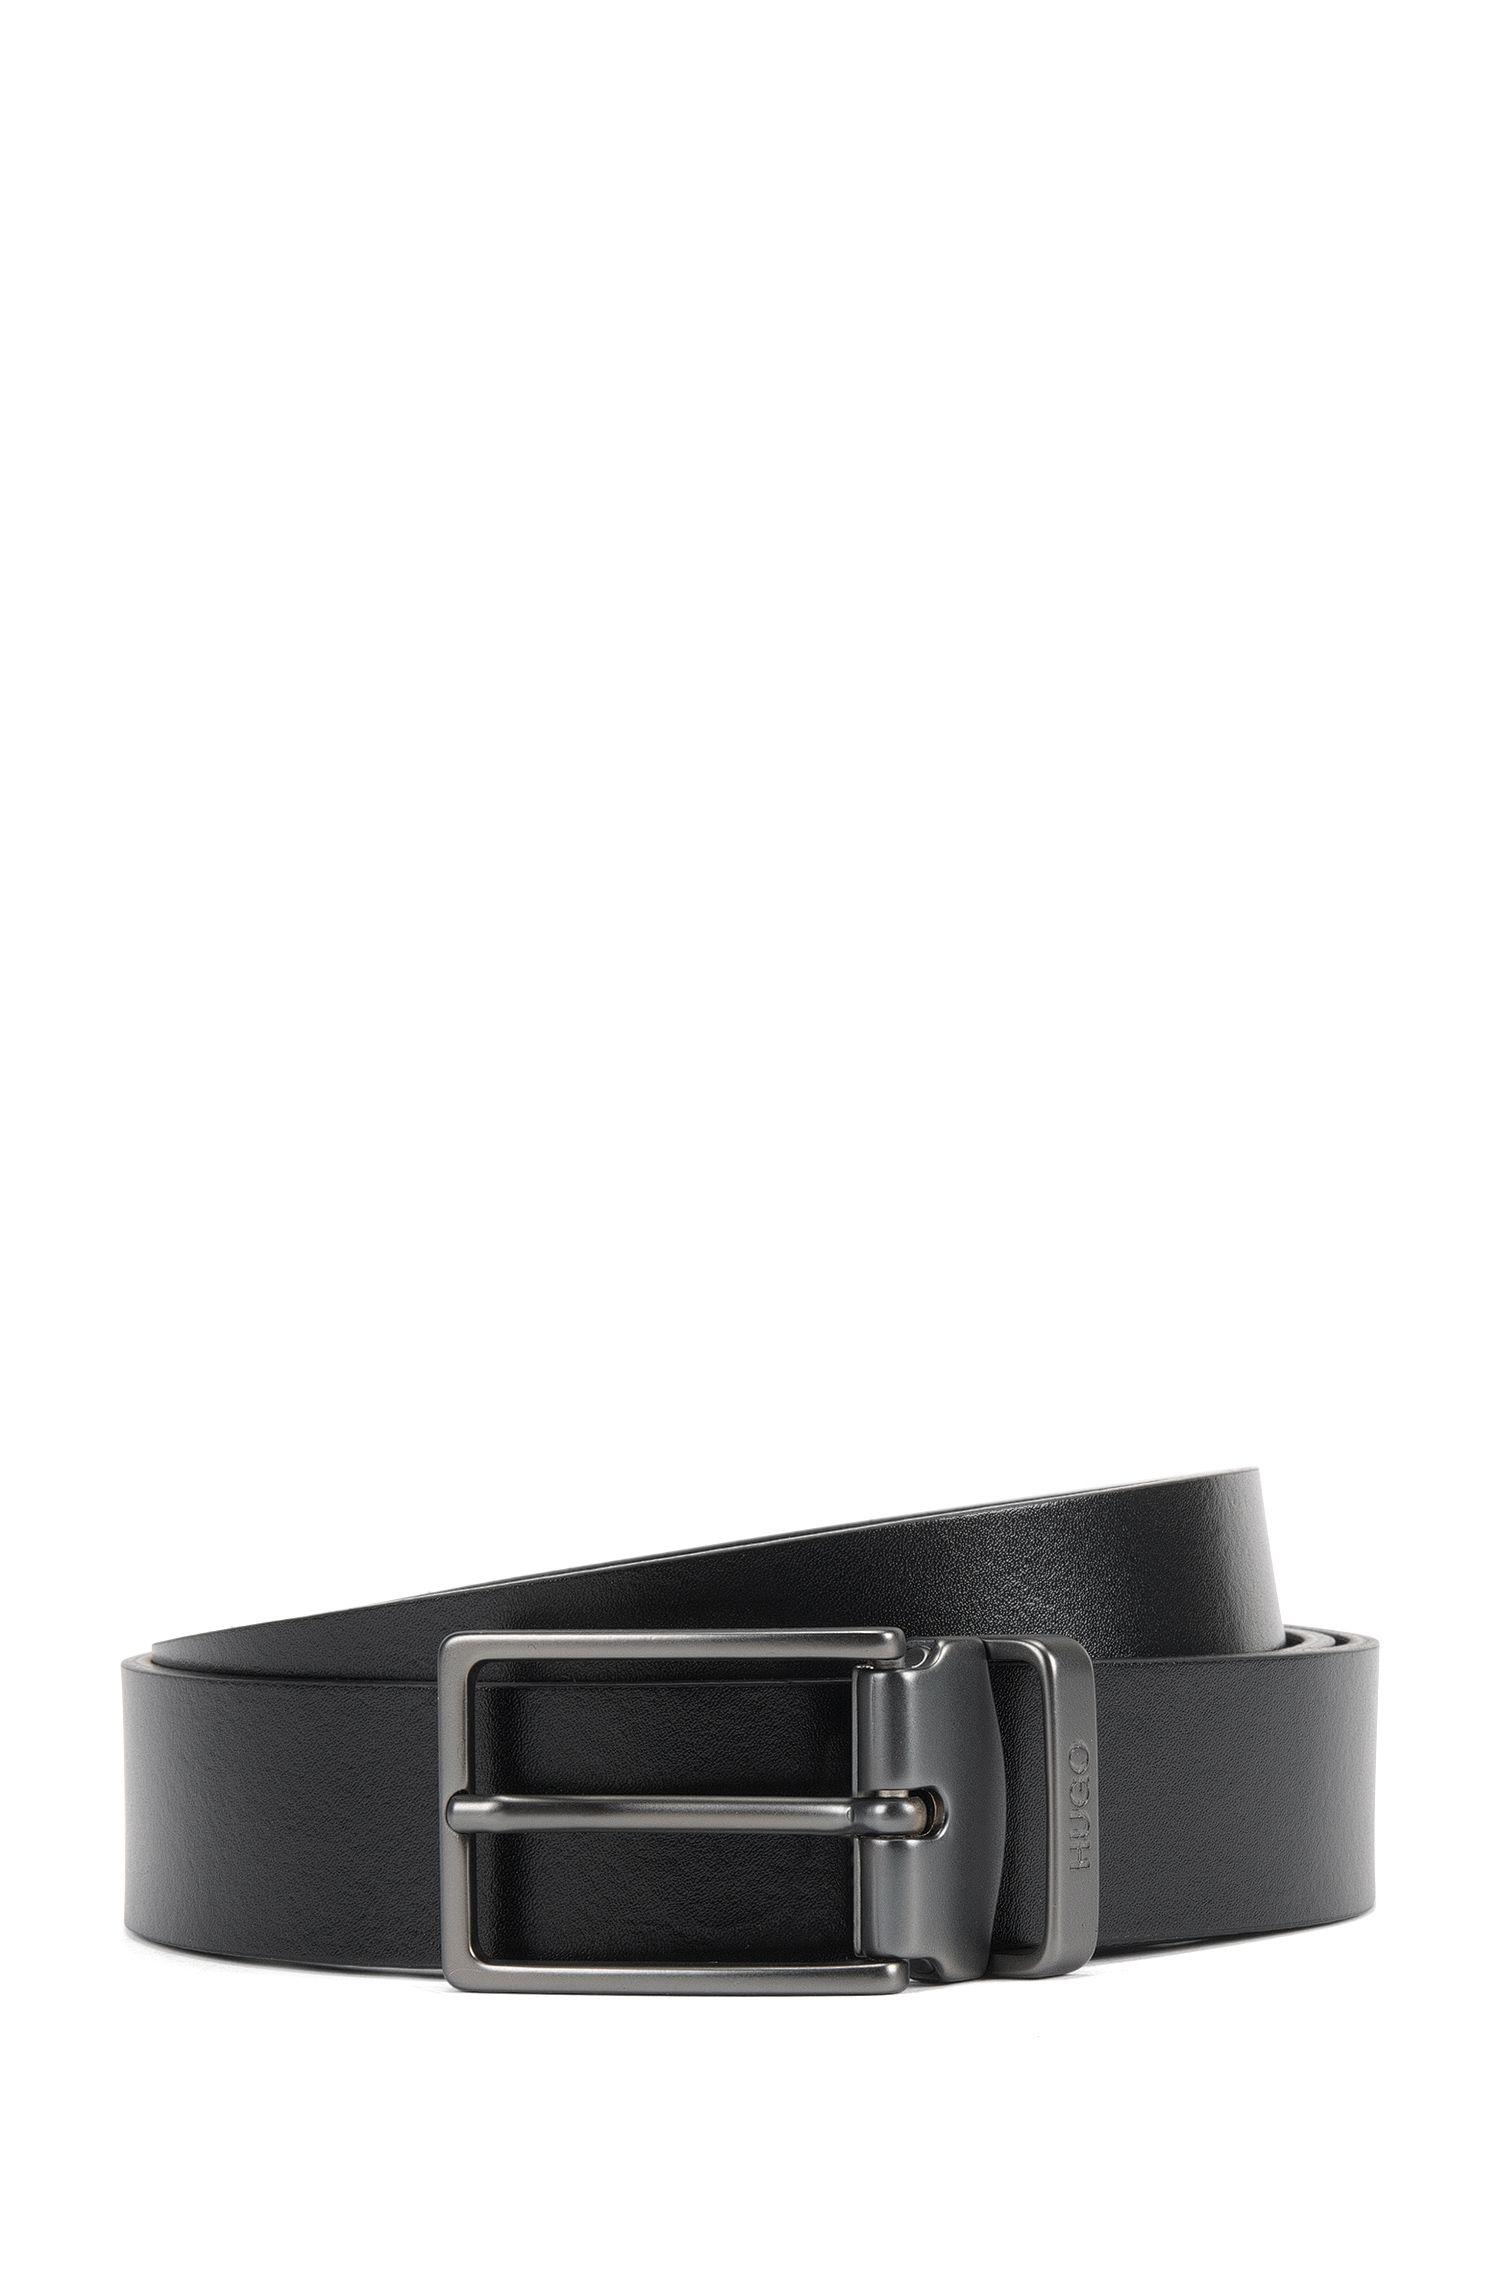 Cintura reversibile in pelle con fibbia doppia e finitura color canna di fucile opaca